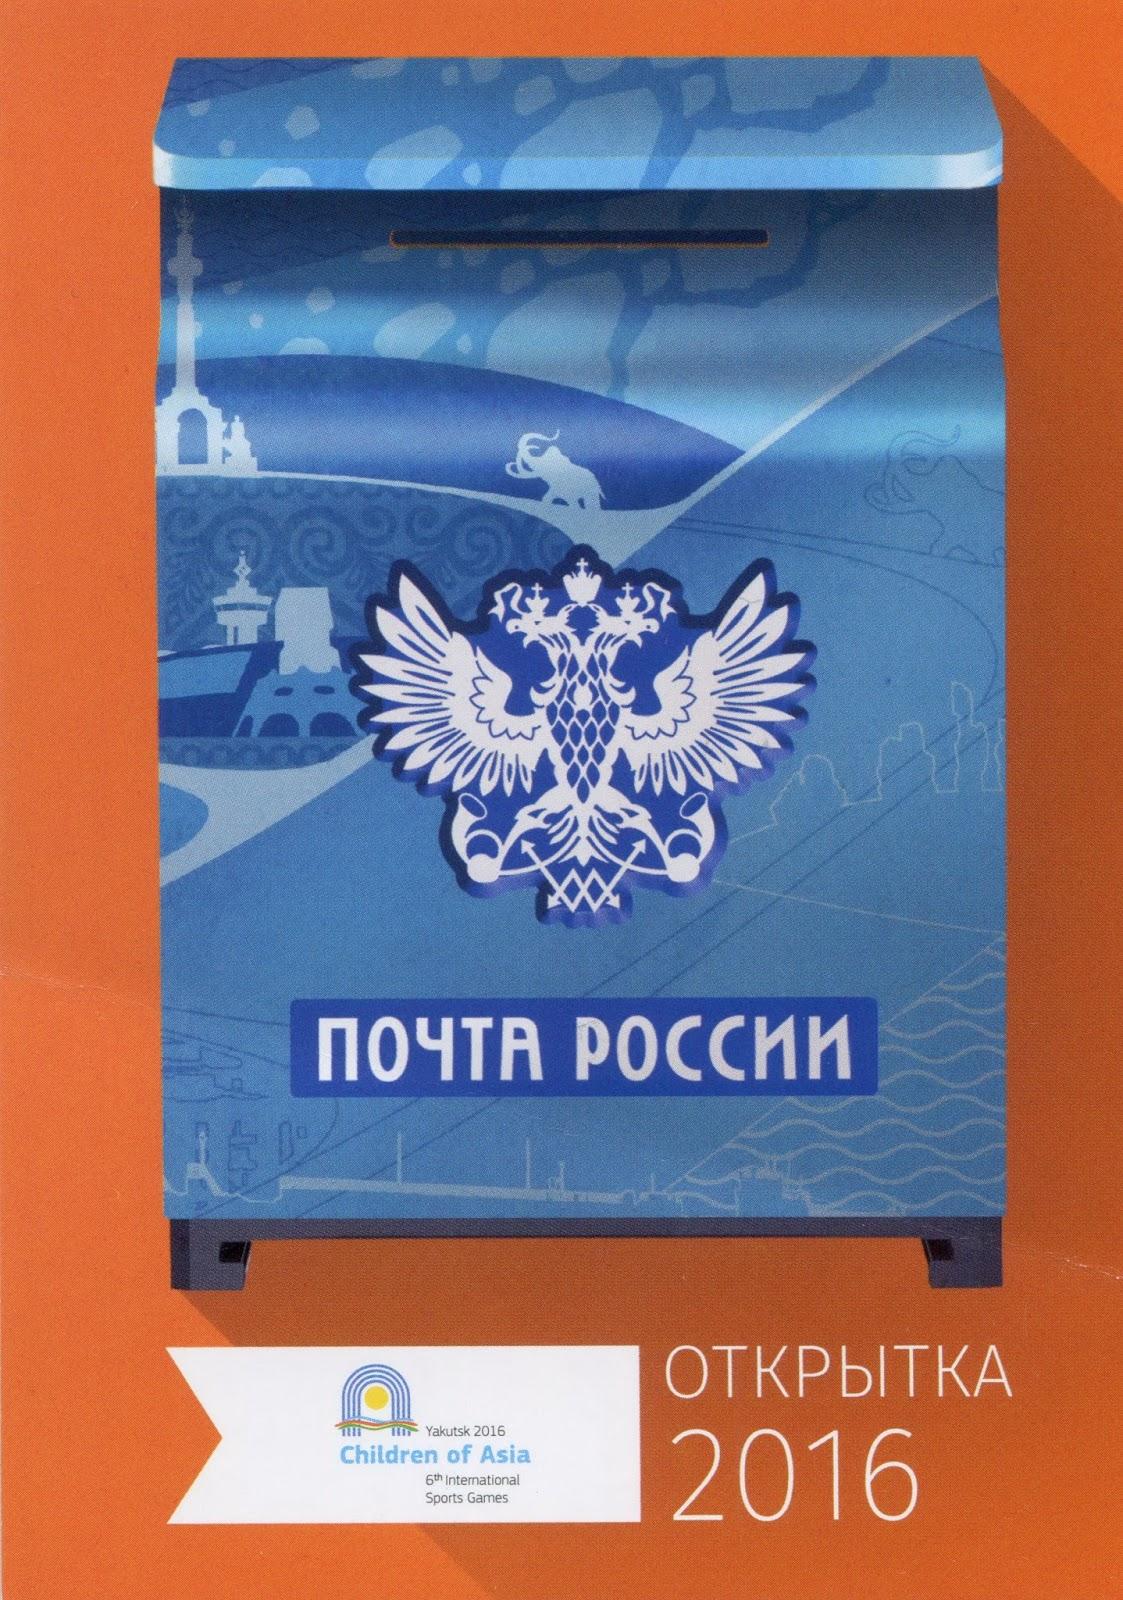 Музыкальная открытка через почту россии